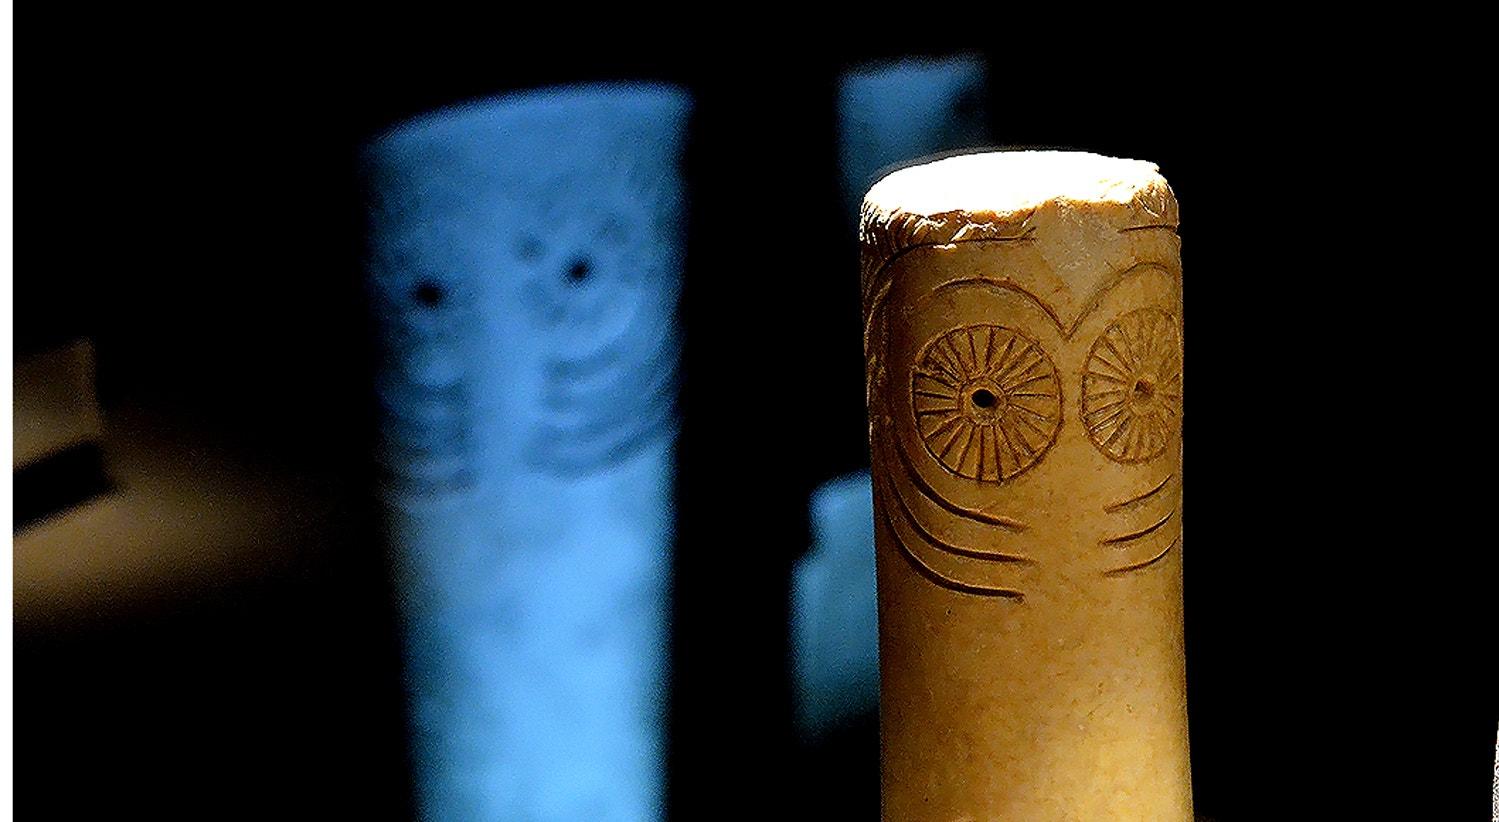 Ídolo cilindro oculado, calcário, Sudoeste da Peninsula Ibérica, 3000-2500 a.C.   Carla Quirino - RTP